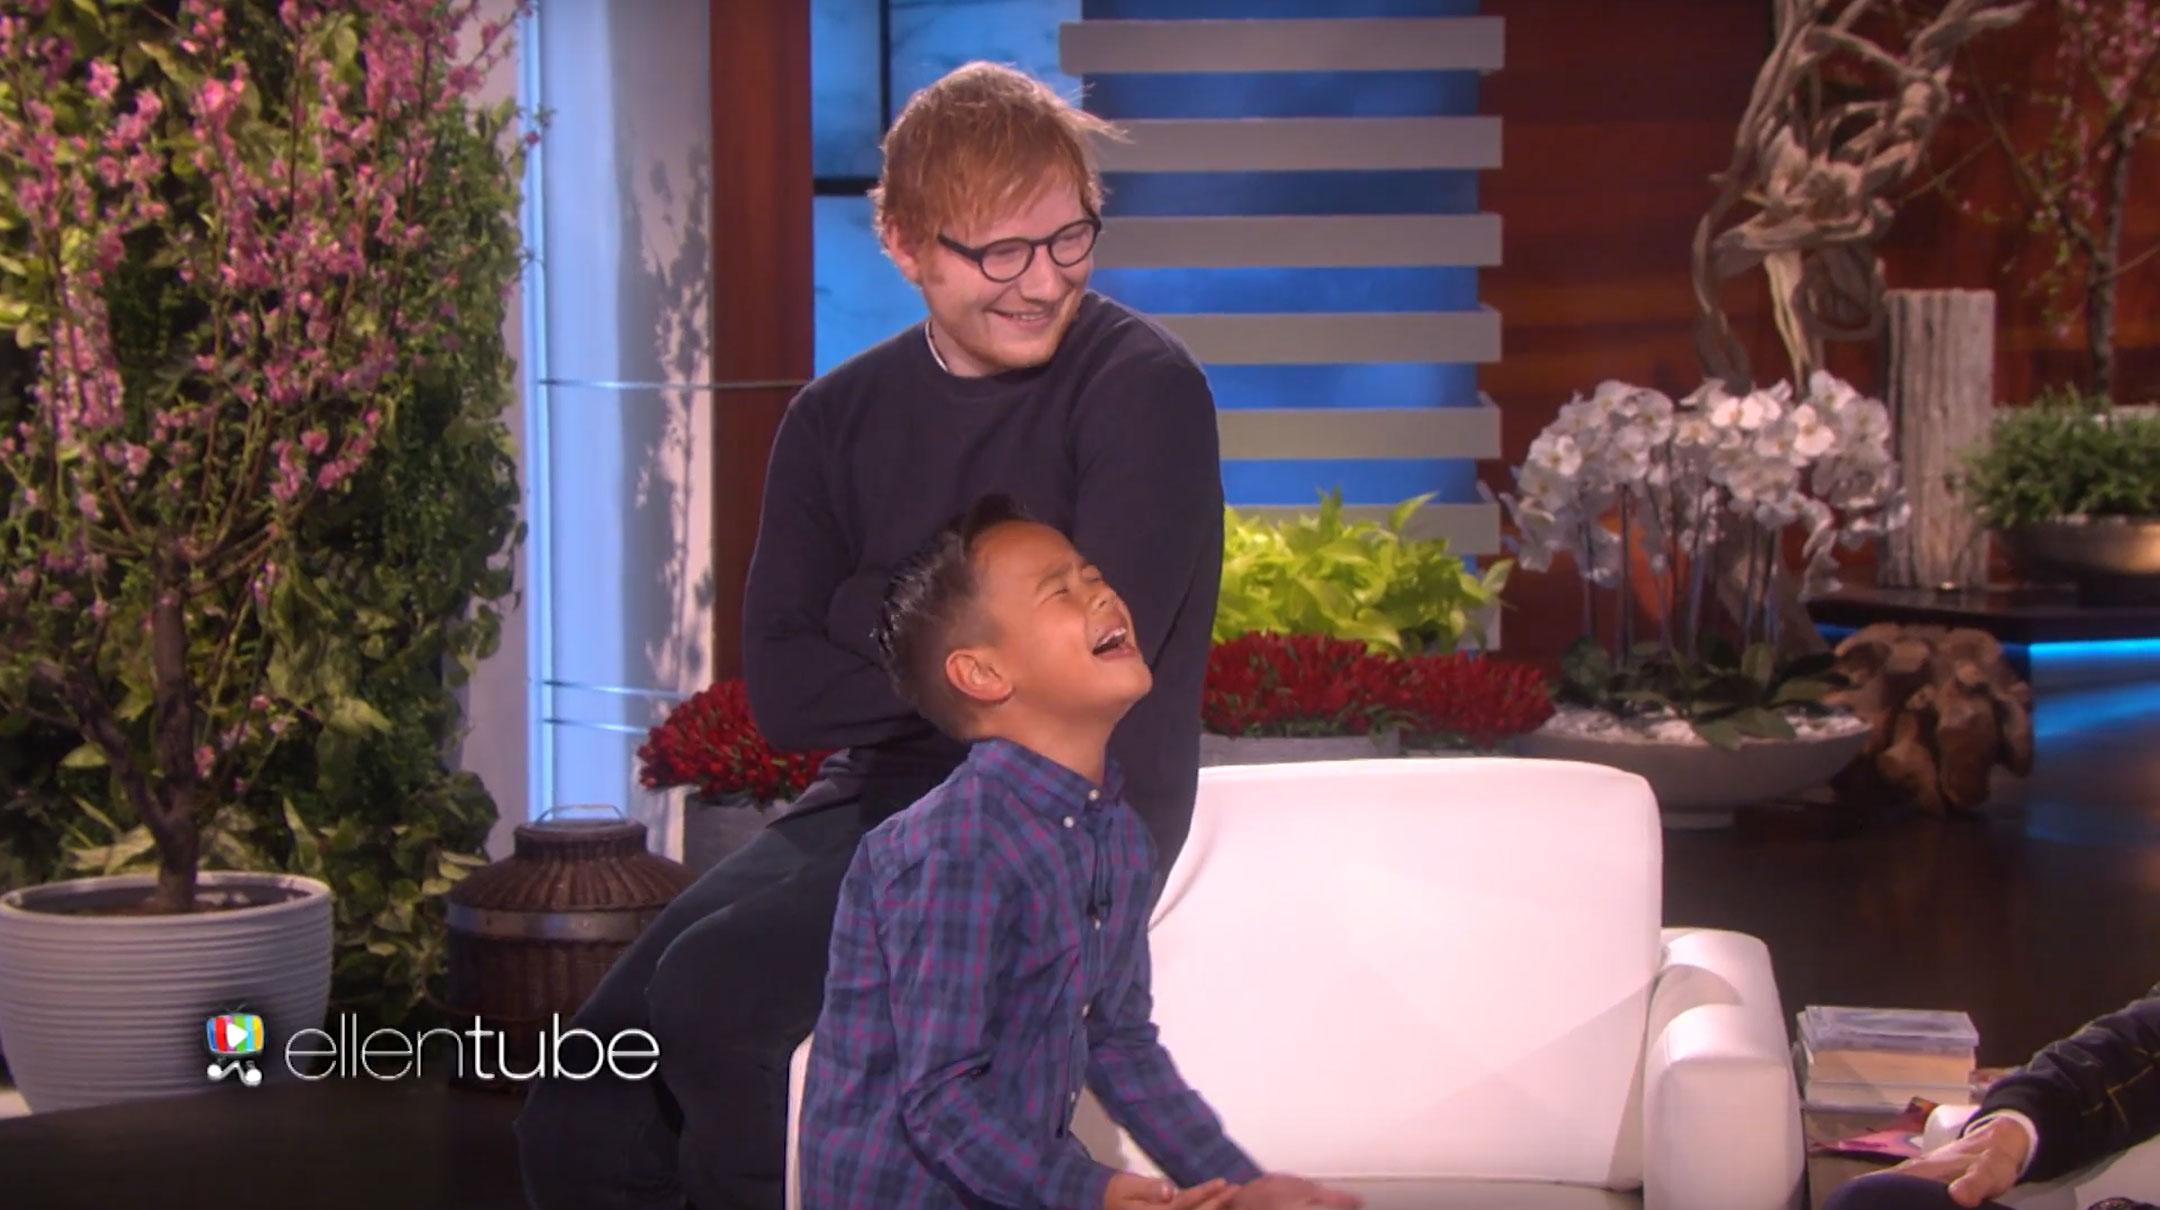 Ed Sheeran Surprise